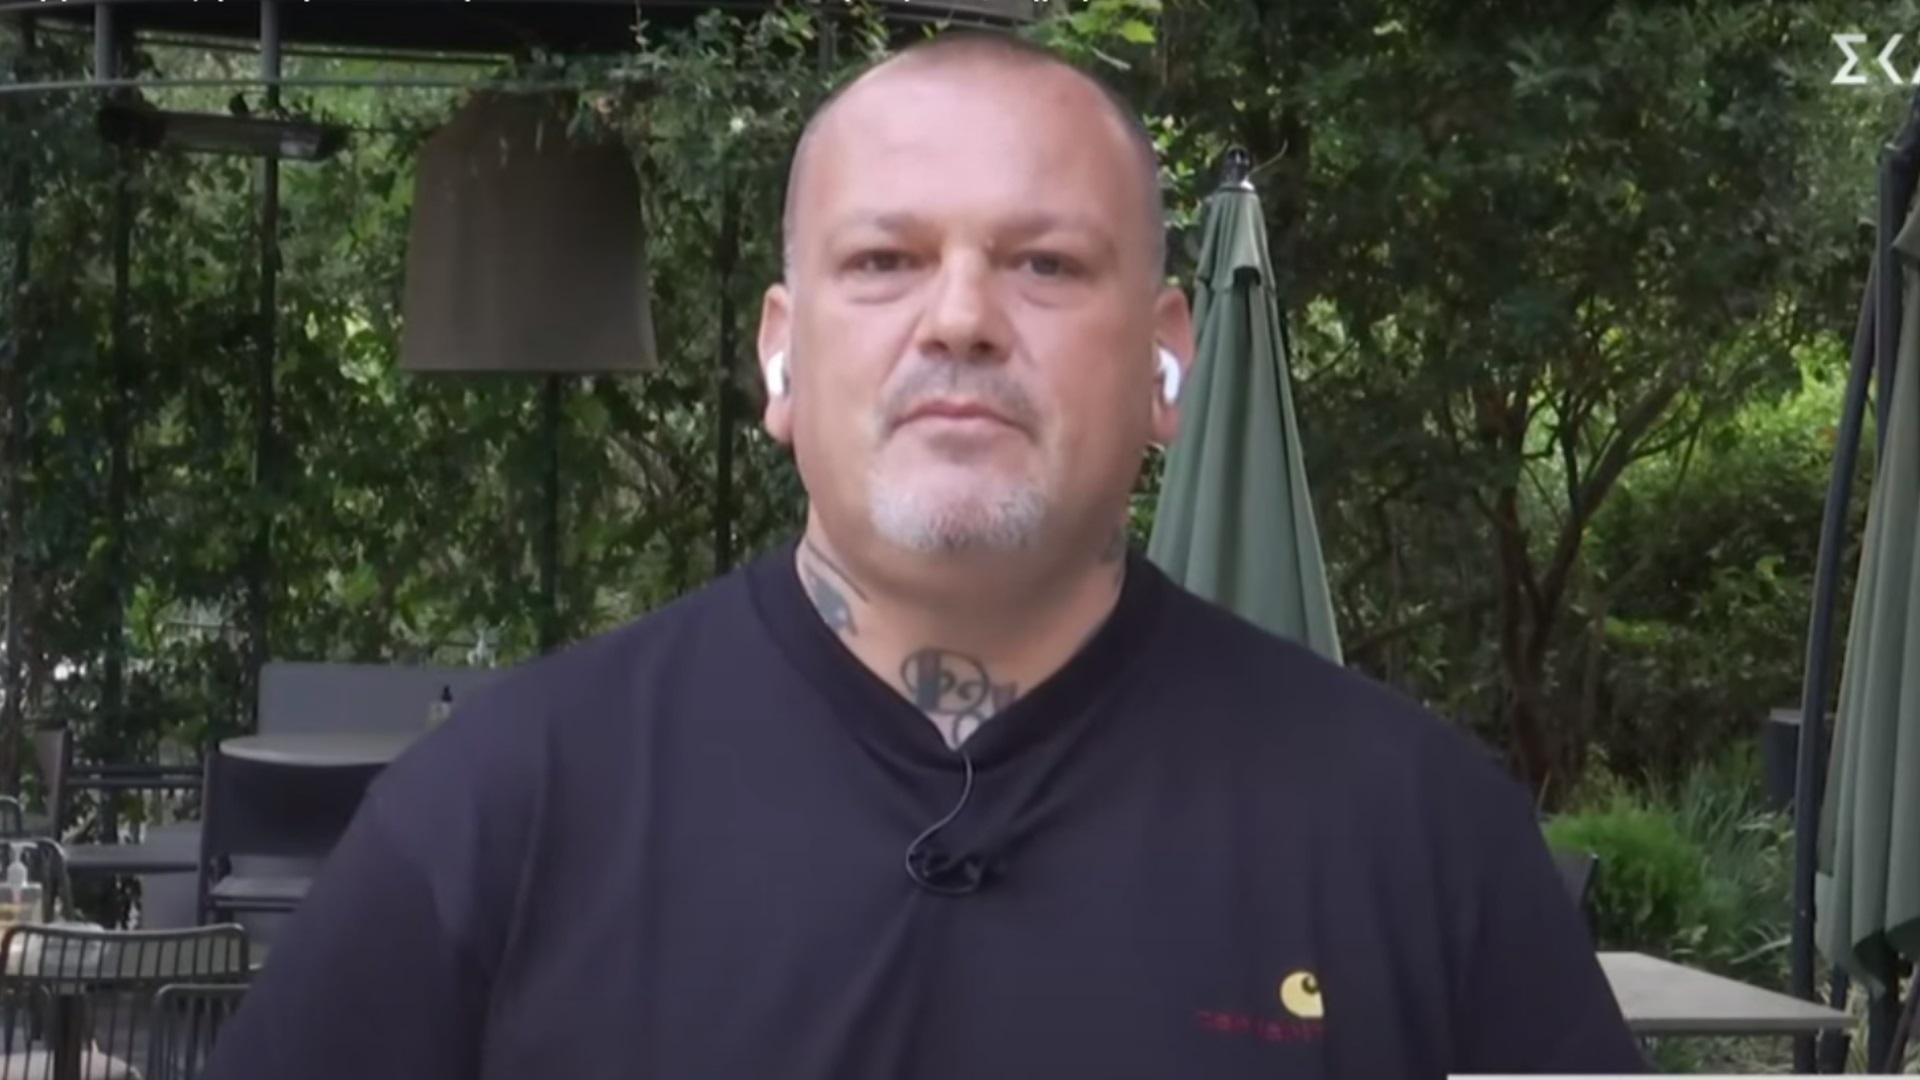 Δημήτρης Σκαρμούτσος: Δεν αισθάνομαι ασφαλής στην κουζίνα με ανεμβολίαστους συναδέλφους